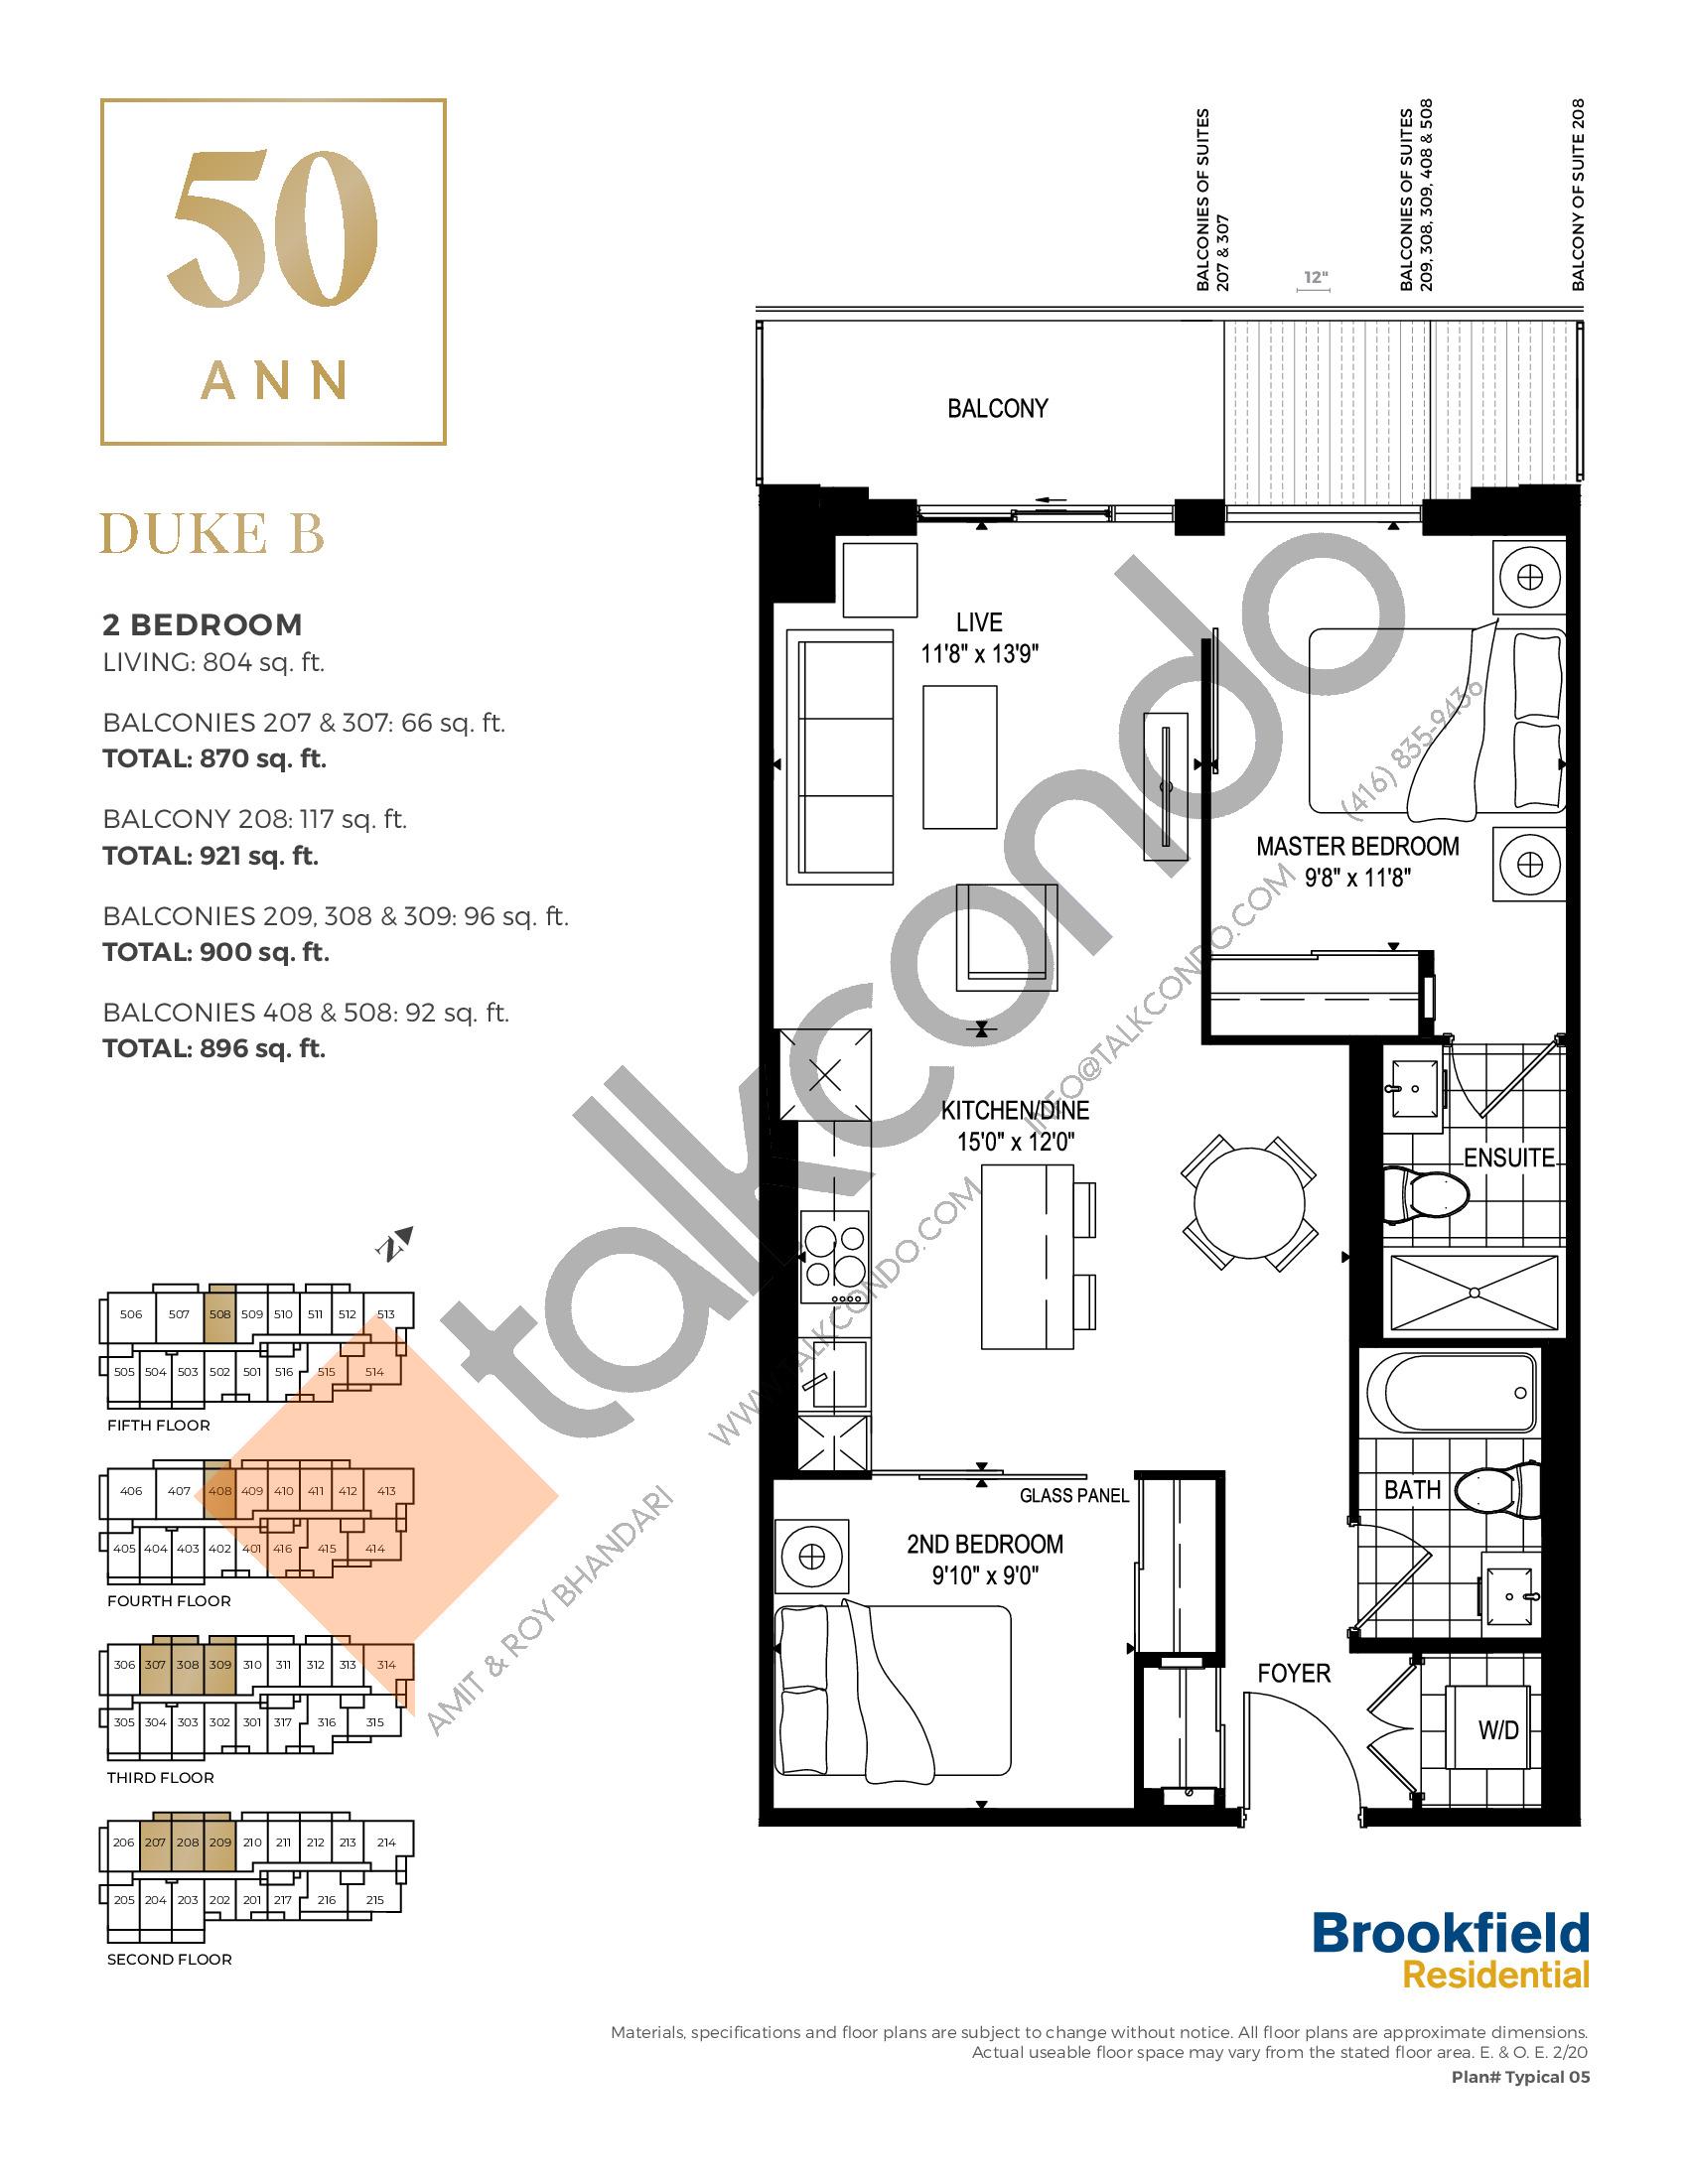 Duke B Floor Plan at 50 Ann Condos - 804 sq.ft